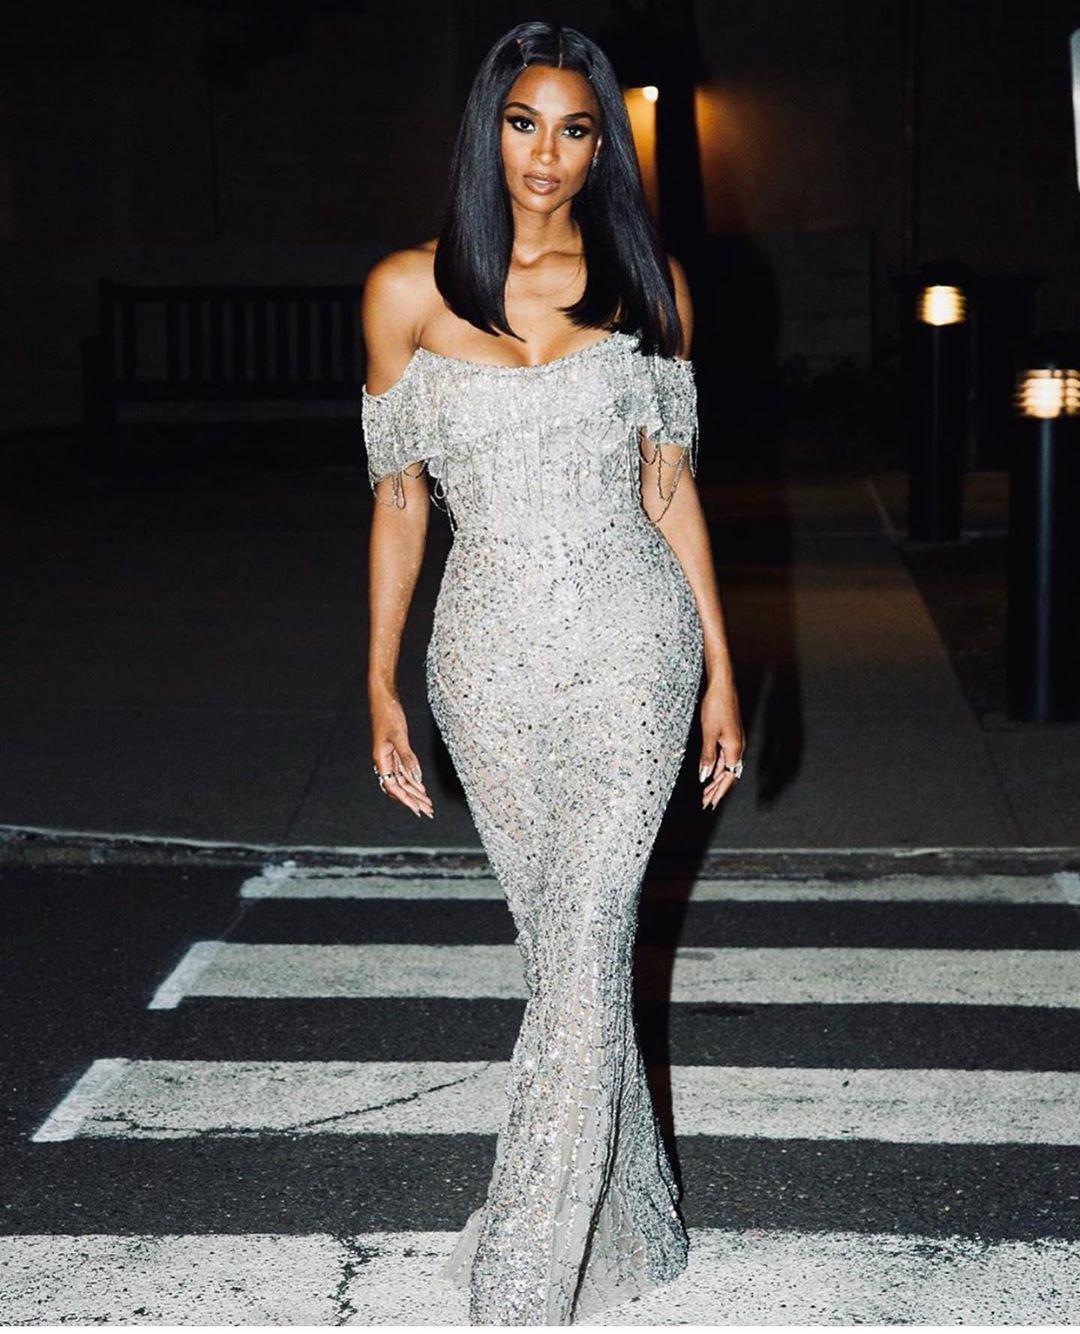 Ciara black girls rock dress